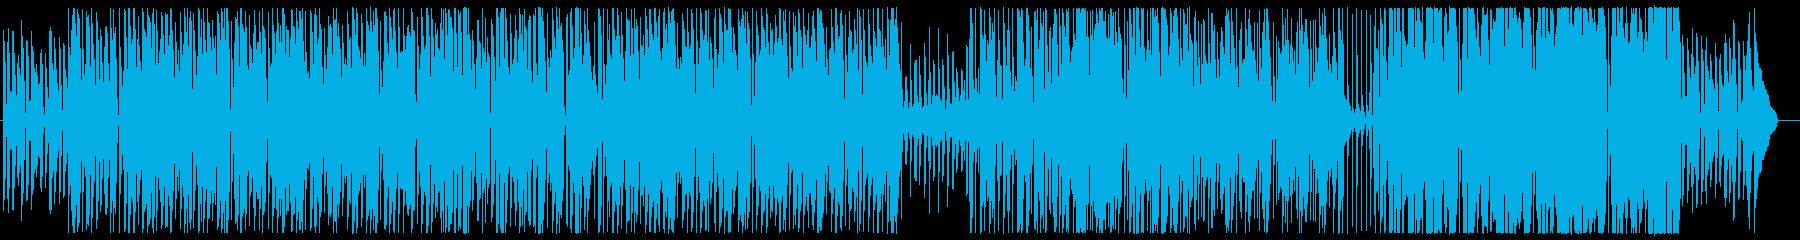 ピアノとトロンボーンのほっこりお散歩の再生済みの波形